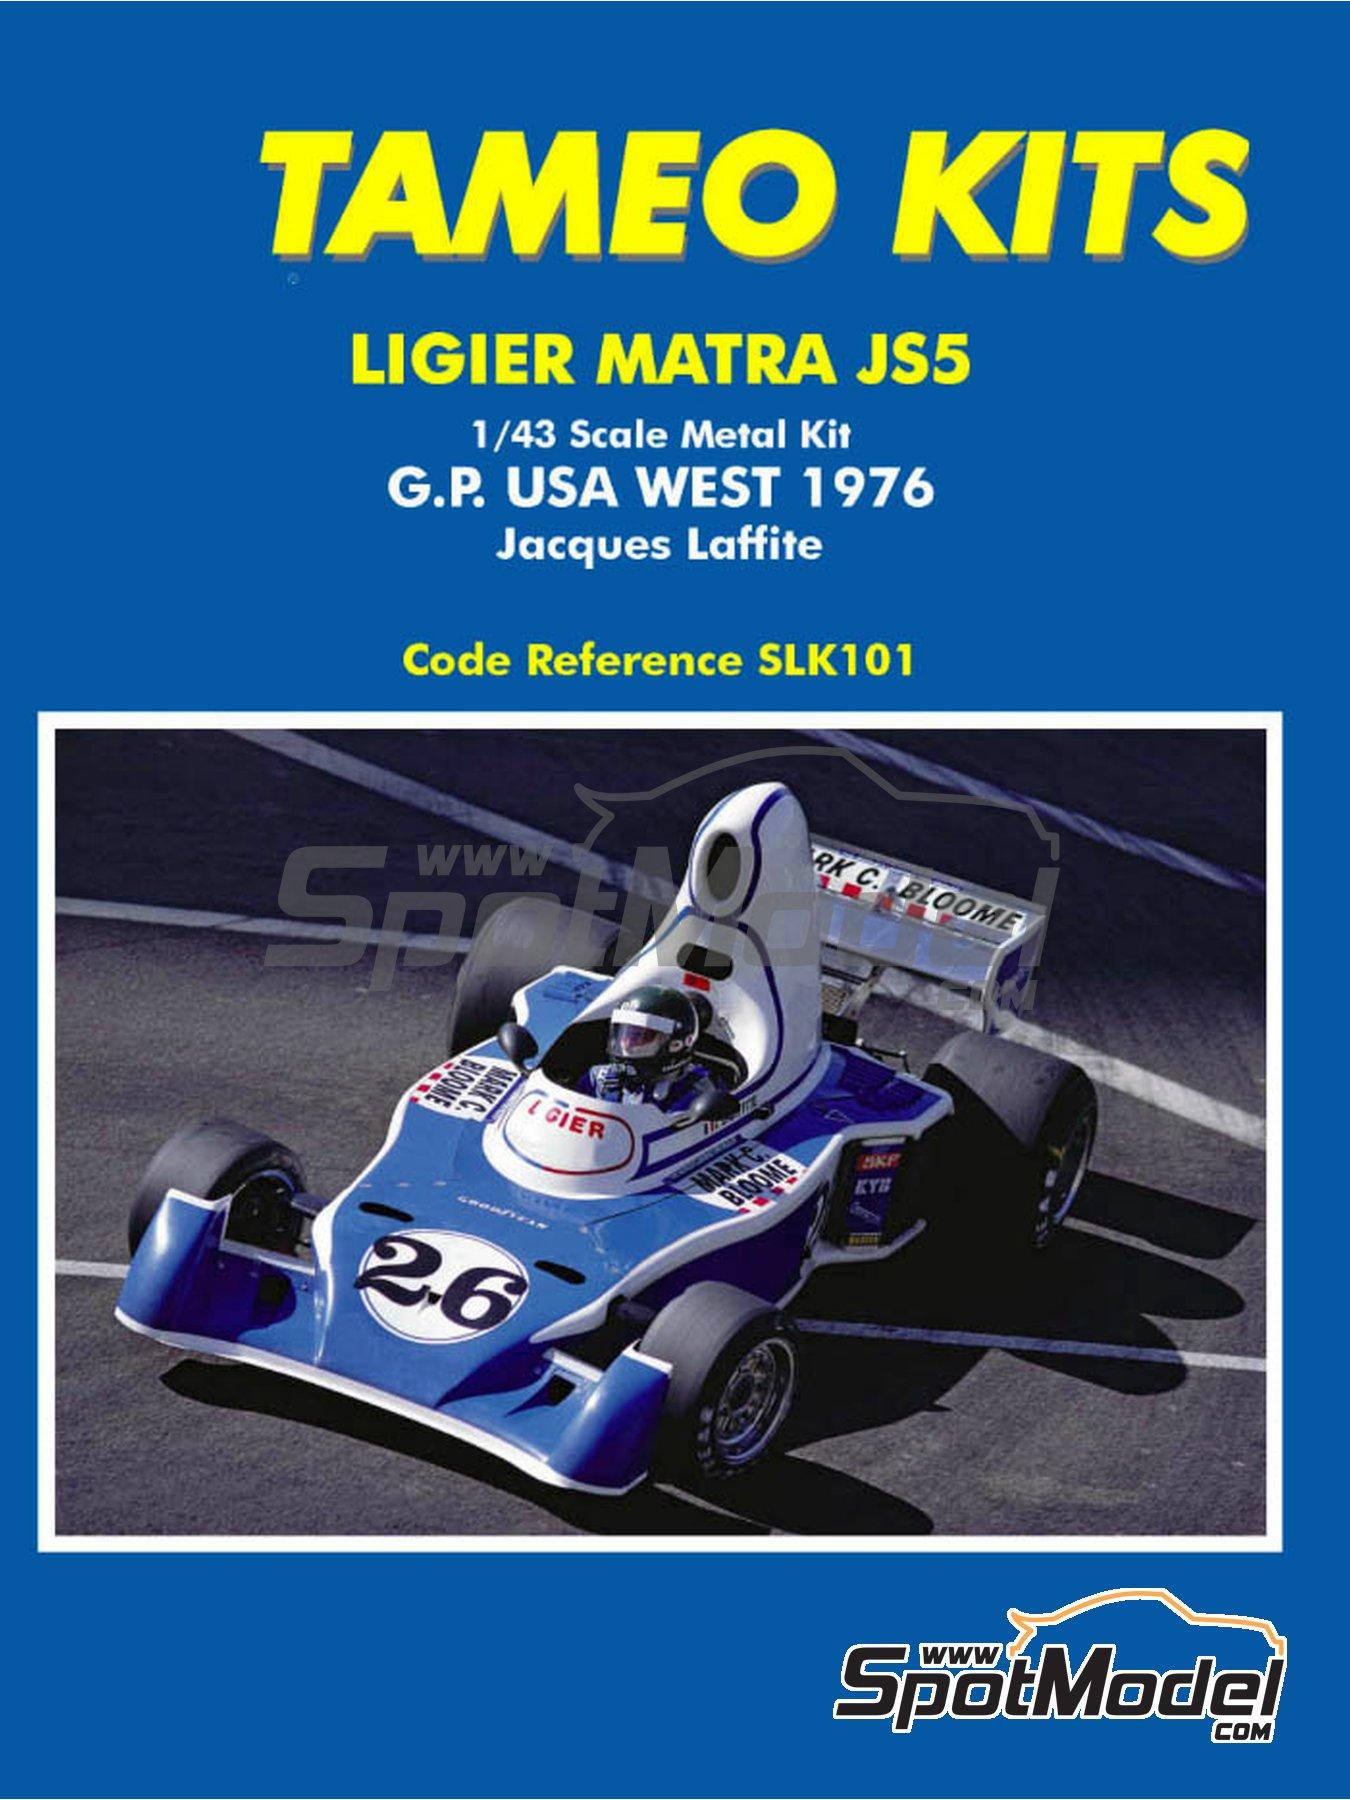 Ligier Matra JS5 Gitanes - Gran Premio de Fórmula 1 de USA West Long Beach 1976 | Maqueta de coche en escala1/43 fabricado por Tameo Kits (ref.SLK101) image